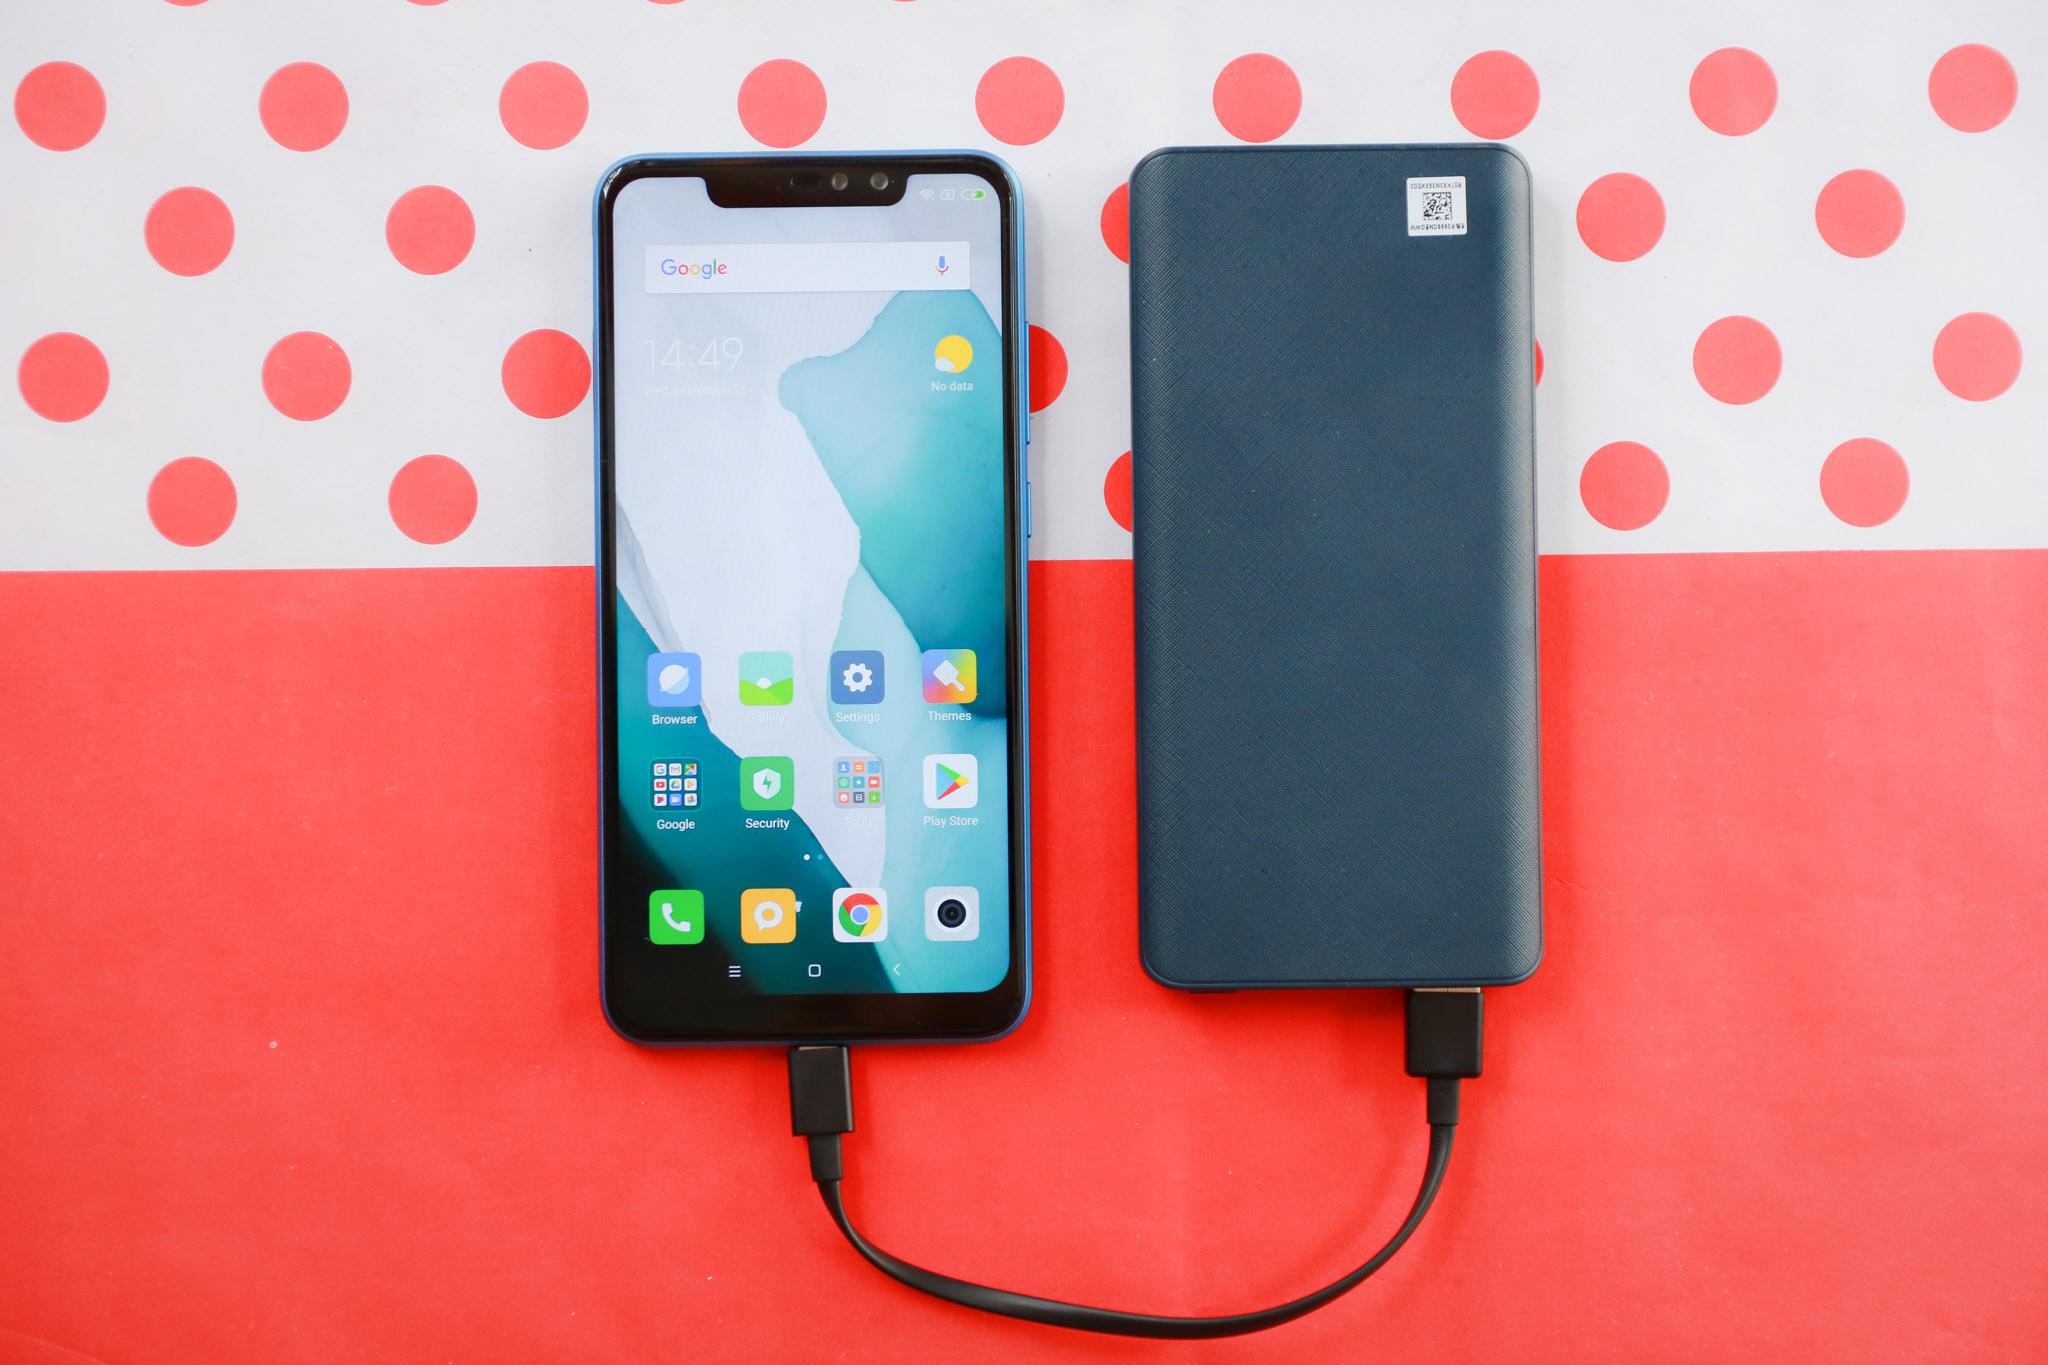 Sforum - Trang thông tin công nghệ mới nhất IMG_0878 Đánh giá Redmi Note 6 Pro: Cần gì Bphone 3 khi mọi thứ đã rất hoàn hảo!